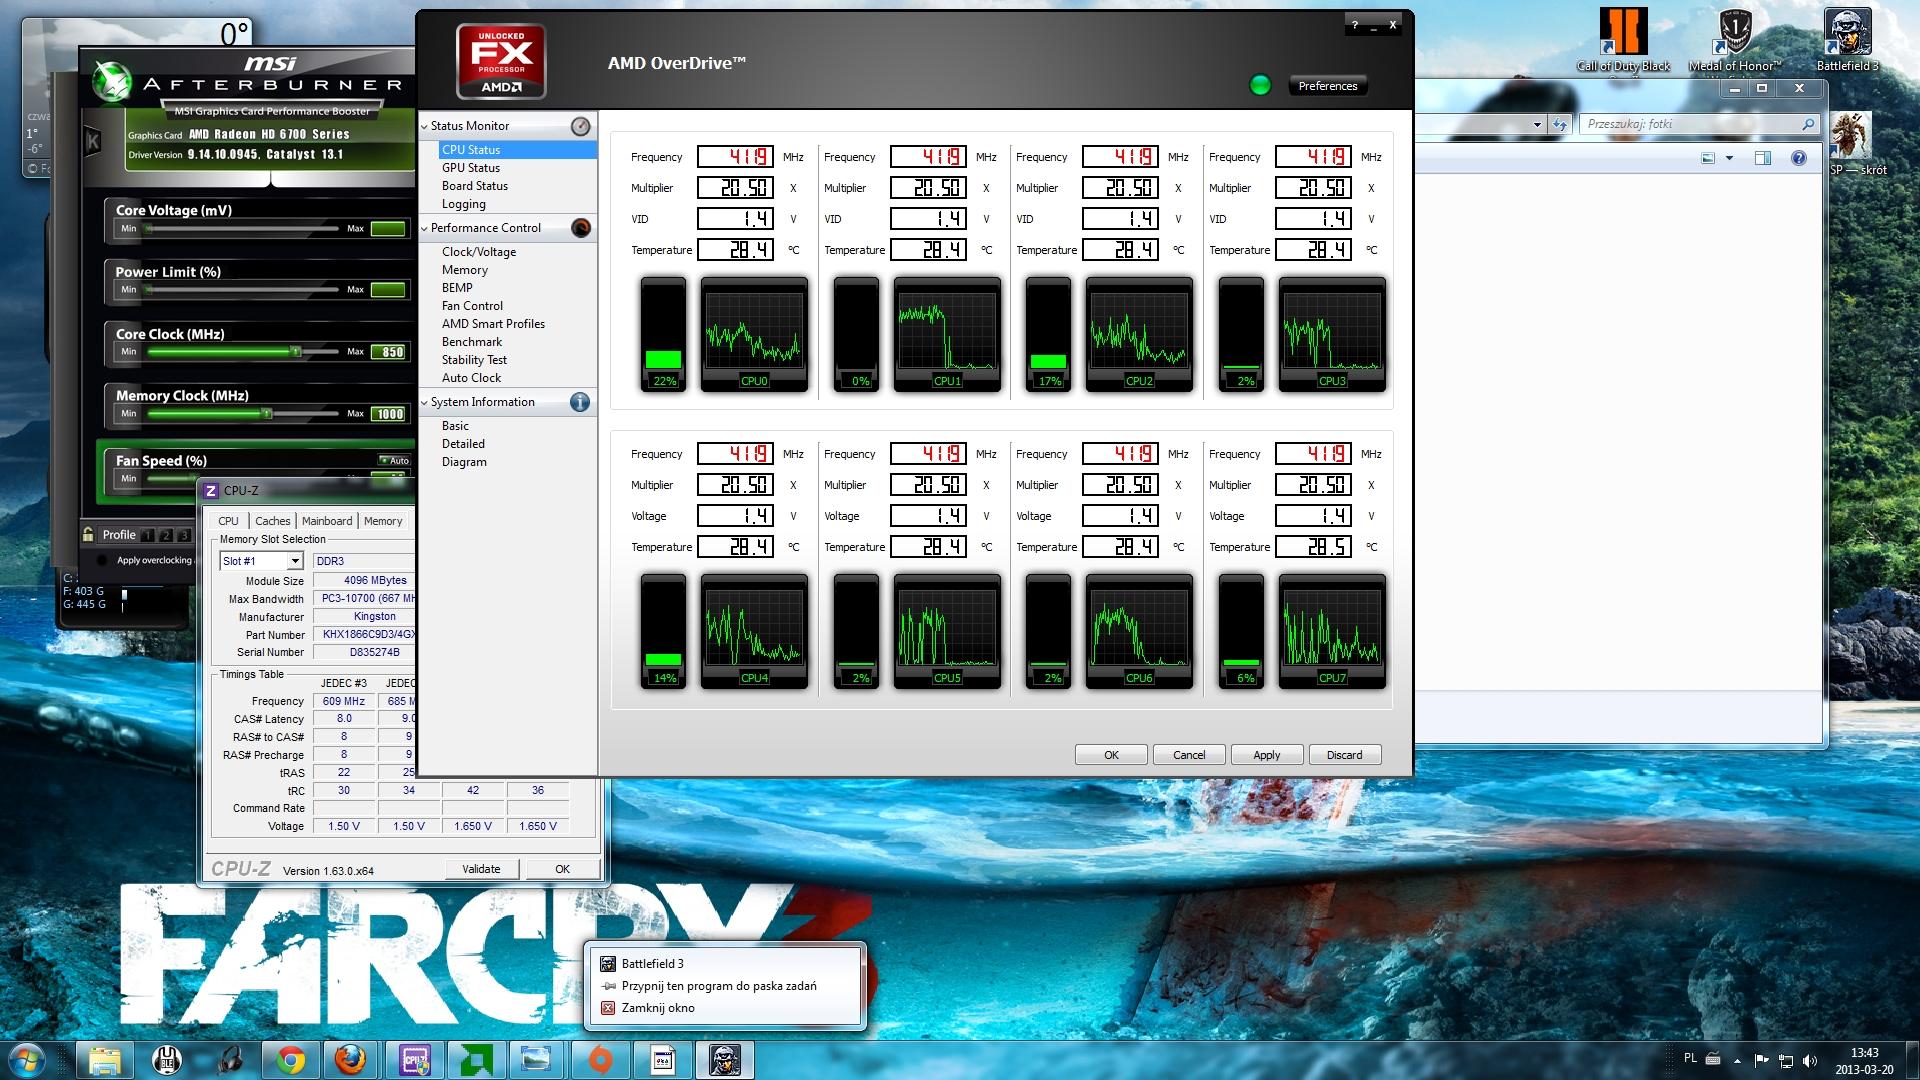 Ca�a moc AMD8350 - czy to jest zale�ne od ustawie� w biosie